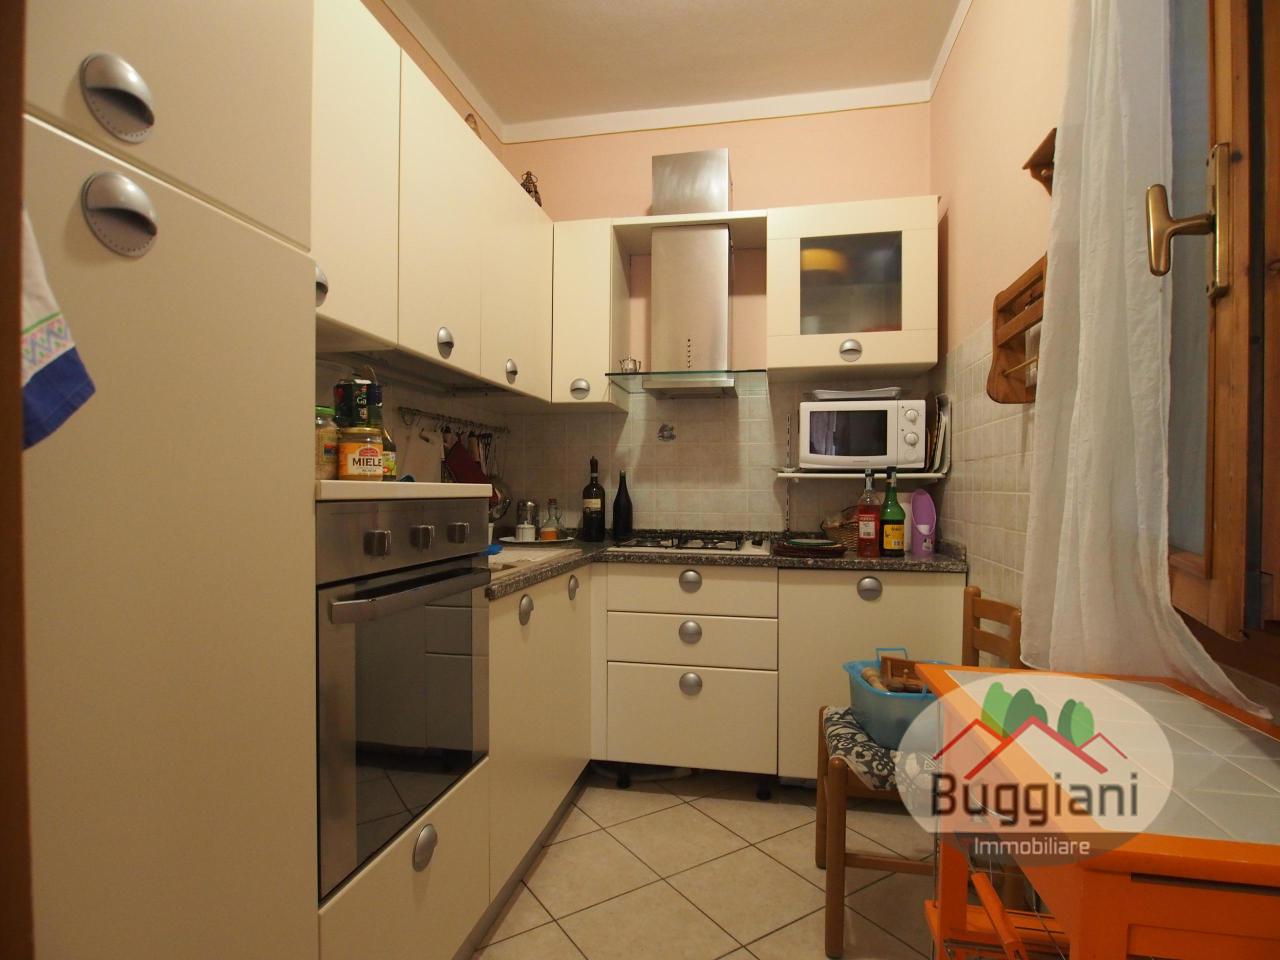 Appartamento in vendita RIF. 2431, San Miniato (PI)